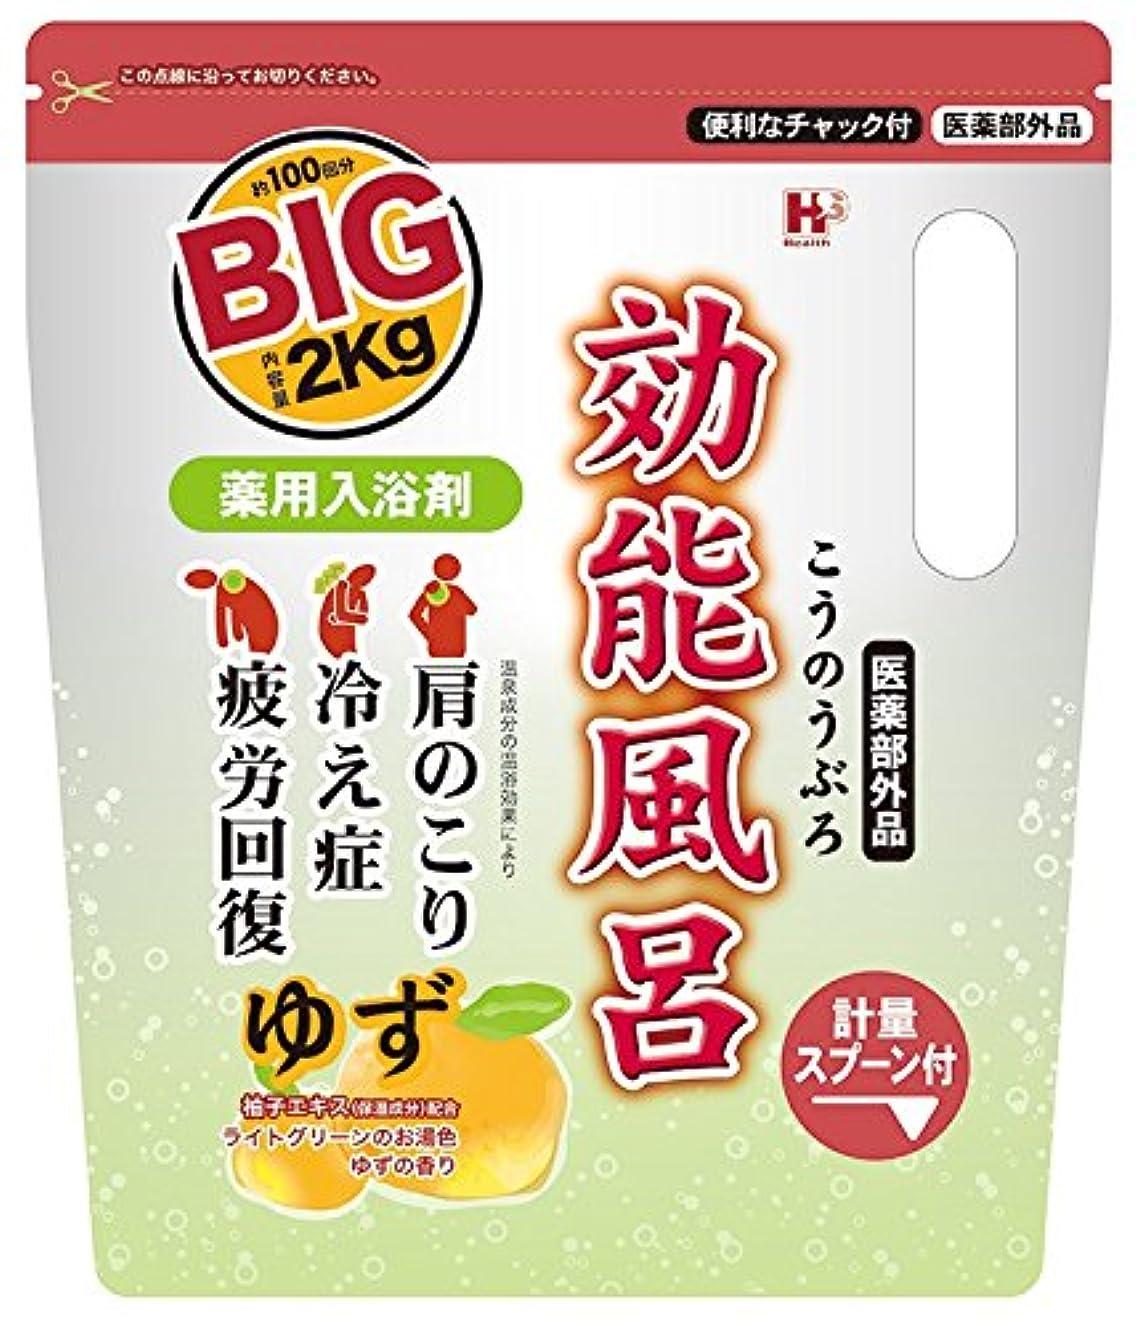 本質的に皮肉設置薬用入浴剤 効能風呂 ゆずの香り BIGサイズ 2kg [医薬部外品]